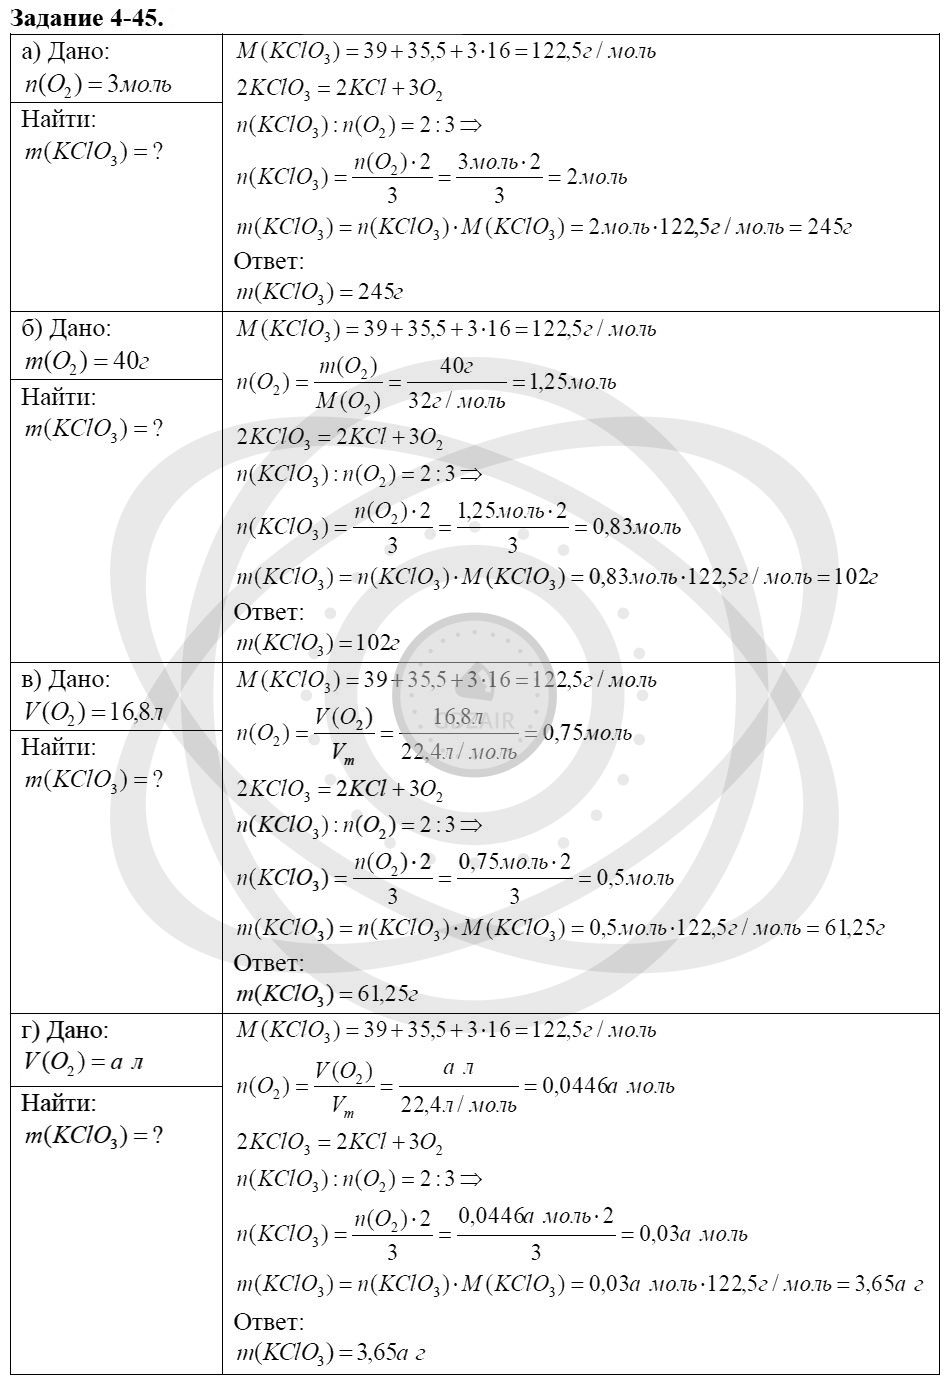 Химия 8 класс Кузнецова Н. Е. Глава 4. Газы. Кислород. Горение / Задания: 45